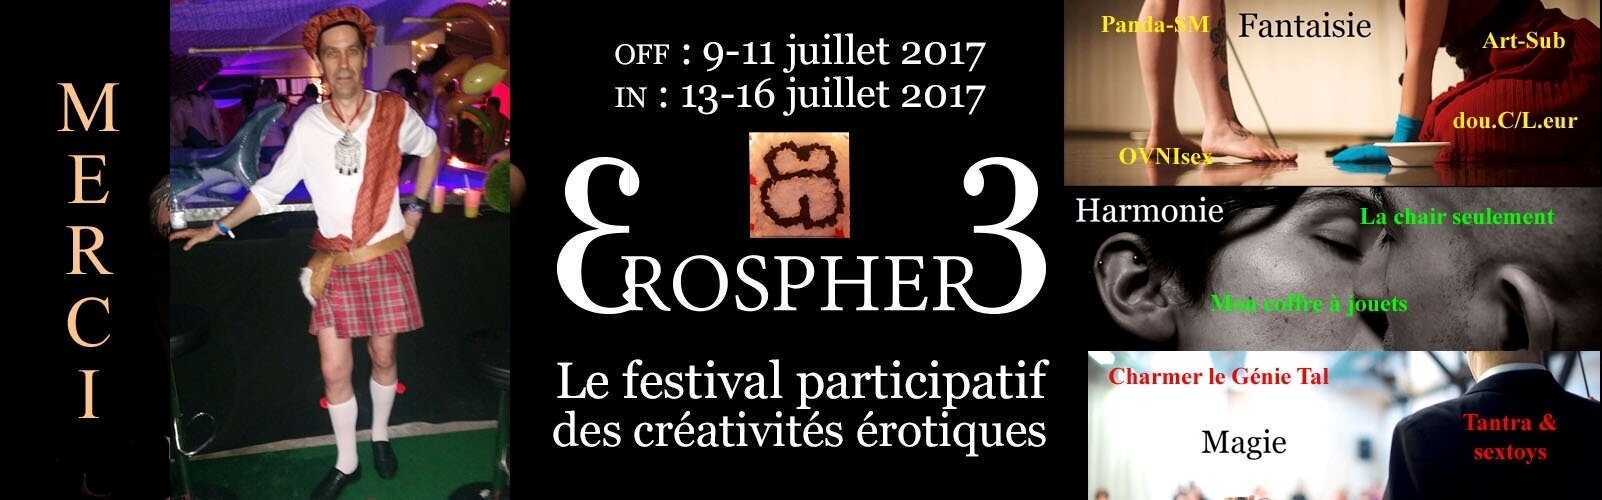 Mon premier Erosphère, festival des sexualités créatives - juillet 2017